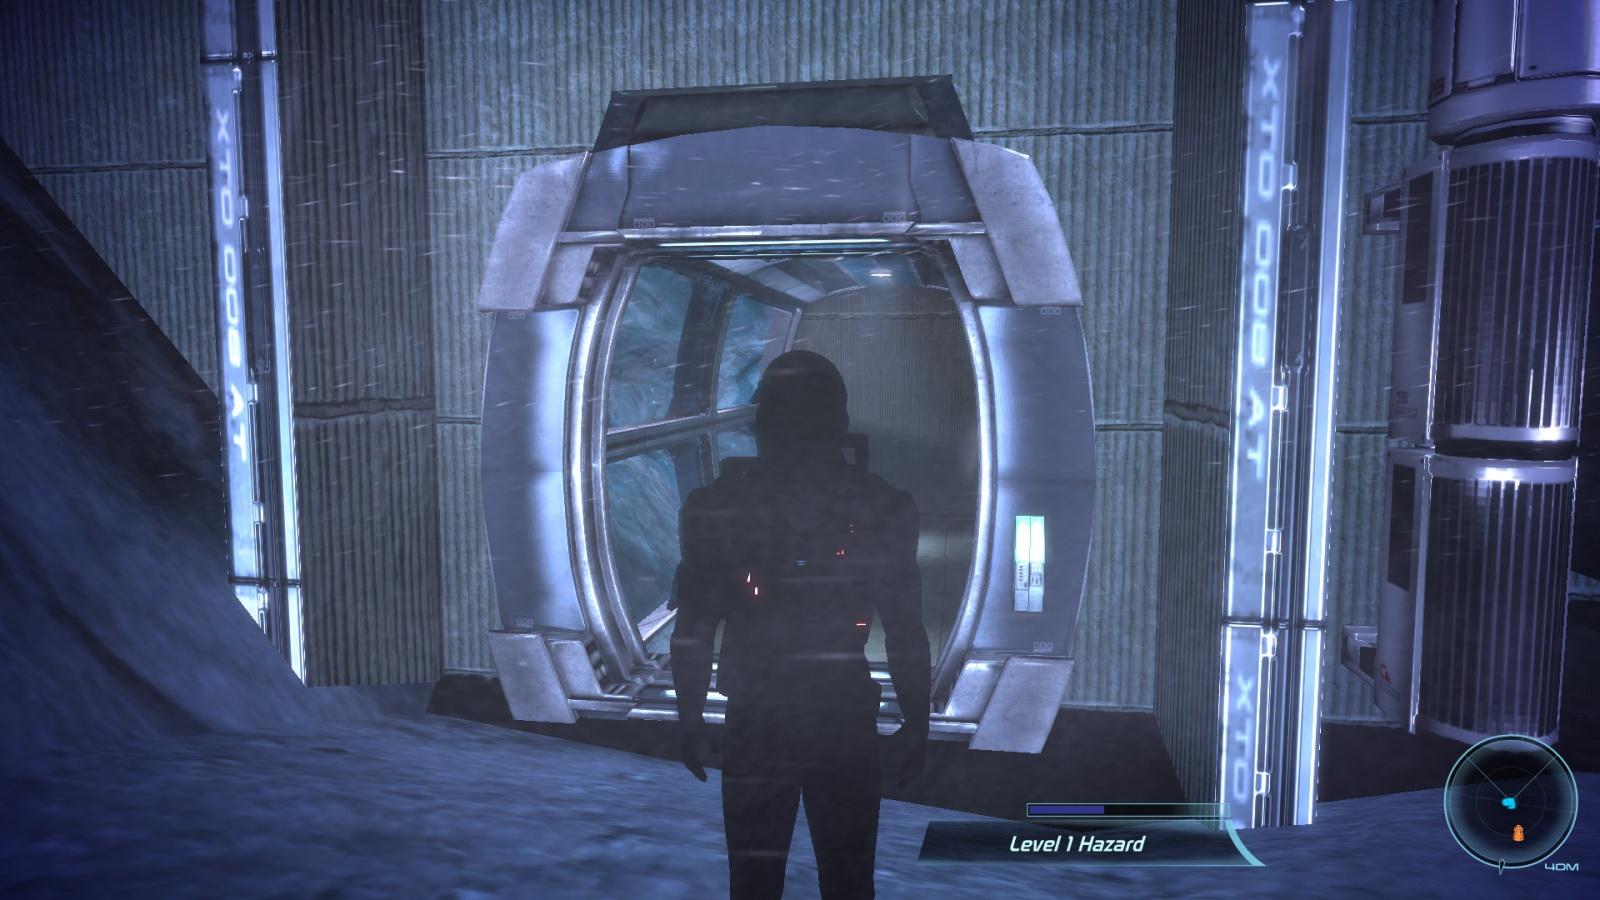 Исправляем графический баг Mass Effect, возникающий на современных процессорах AMD - 6